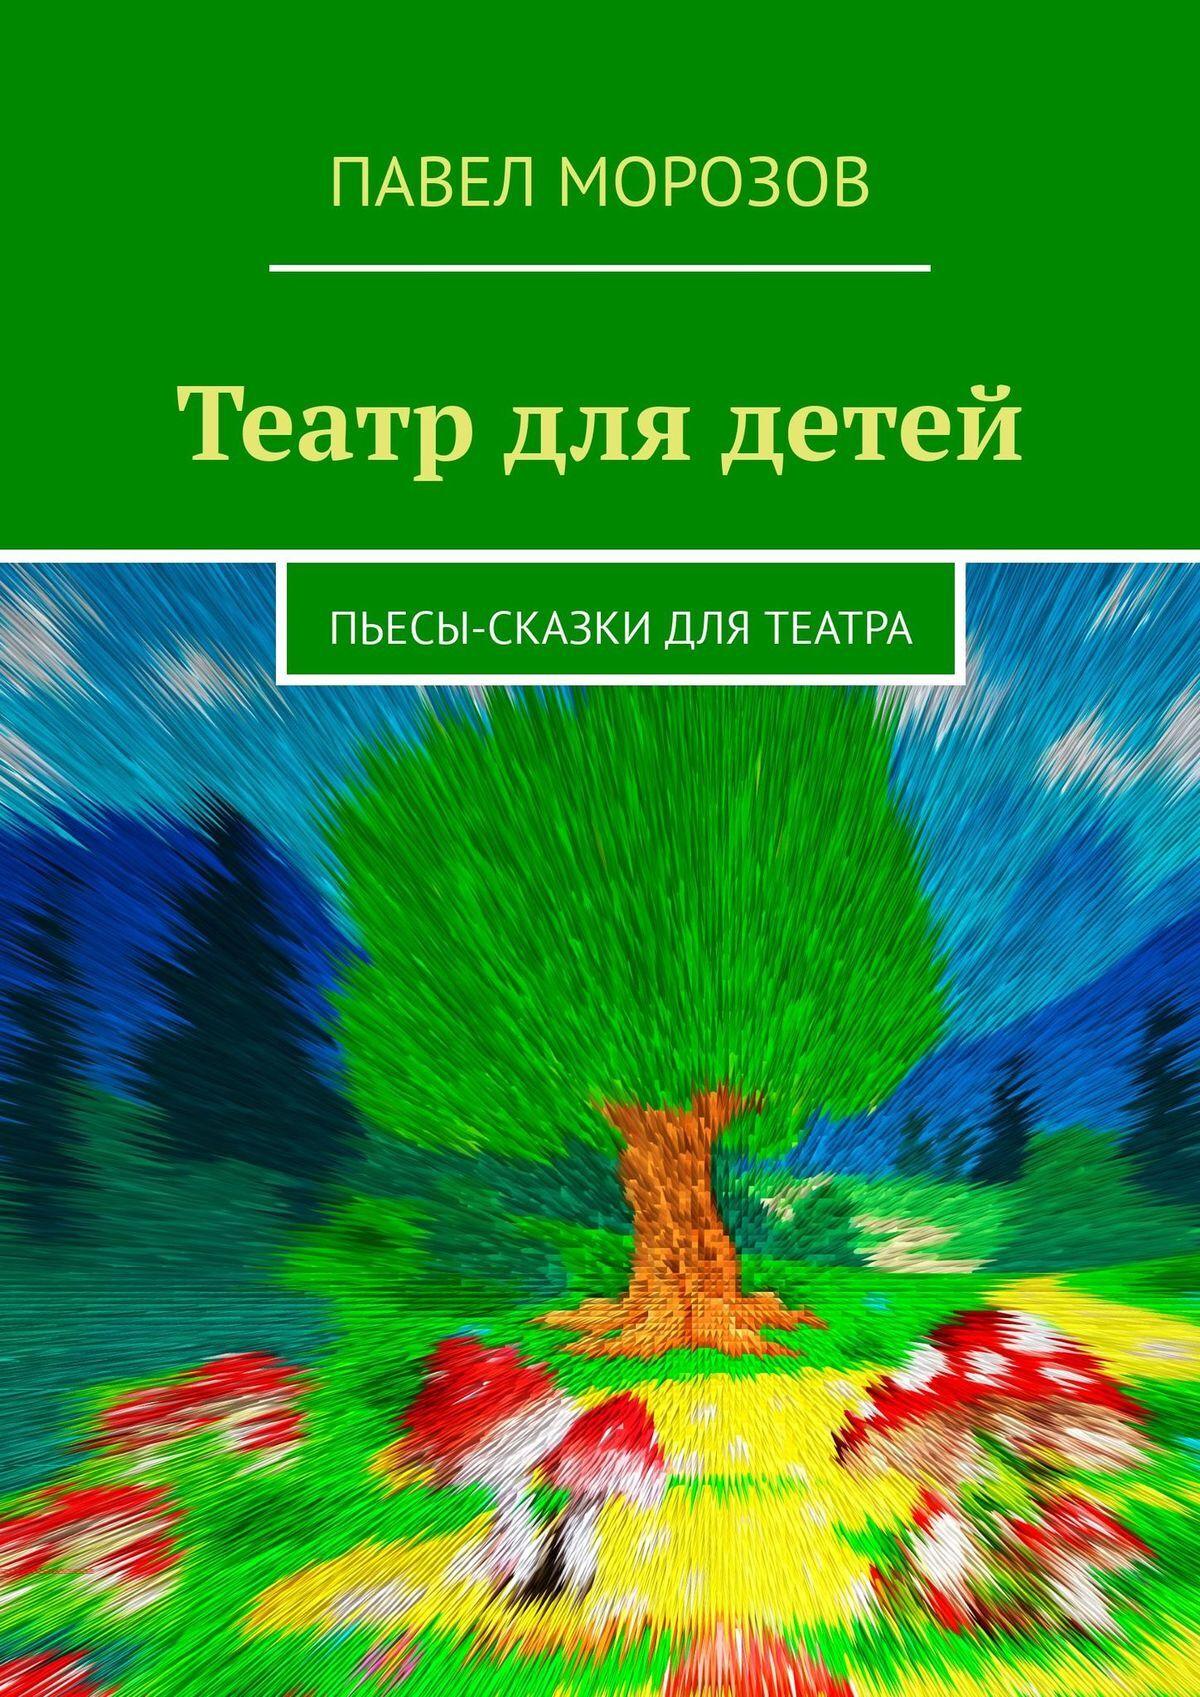 Павел Морозов Заячье дерево. И другие сказки для театра театр для детей